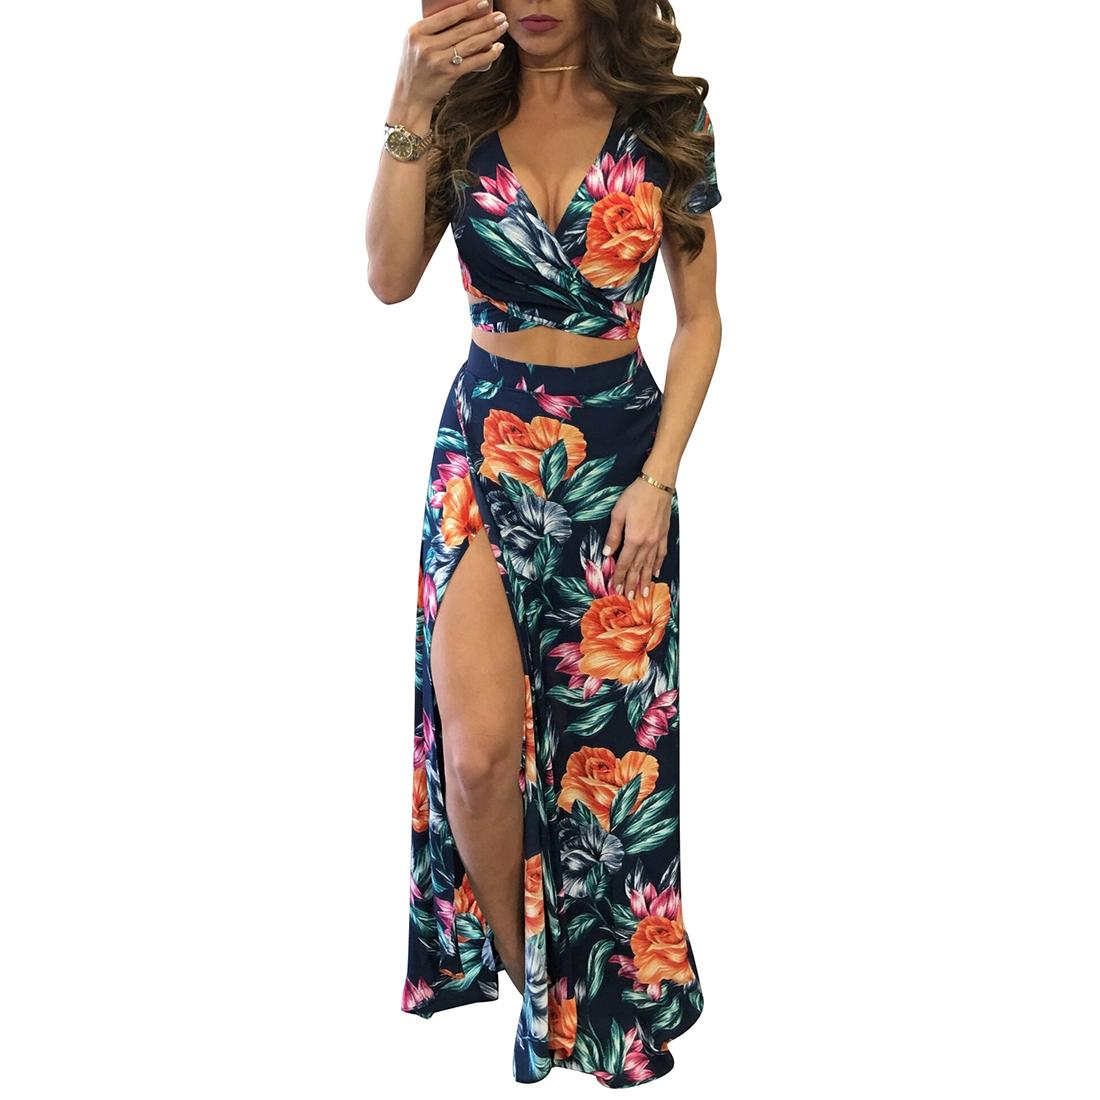 Großhandel YJSFG HAUS Elegante Frauen Sommer Lange Maxi Kleider Zweiteiler  Sexy 200 Aushöhlen Crop Top Röcke Blumendruck 20 Stück Anzüge Von Cailey,